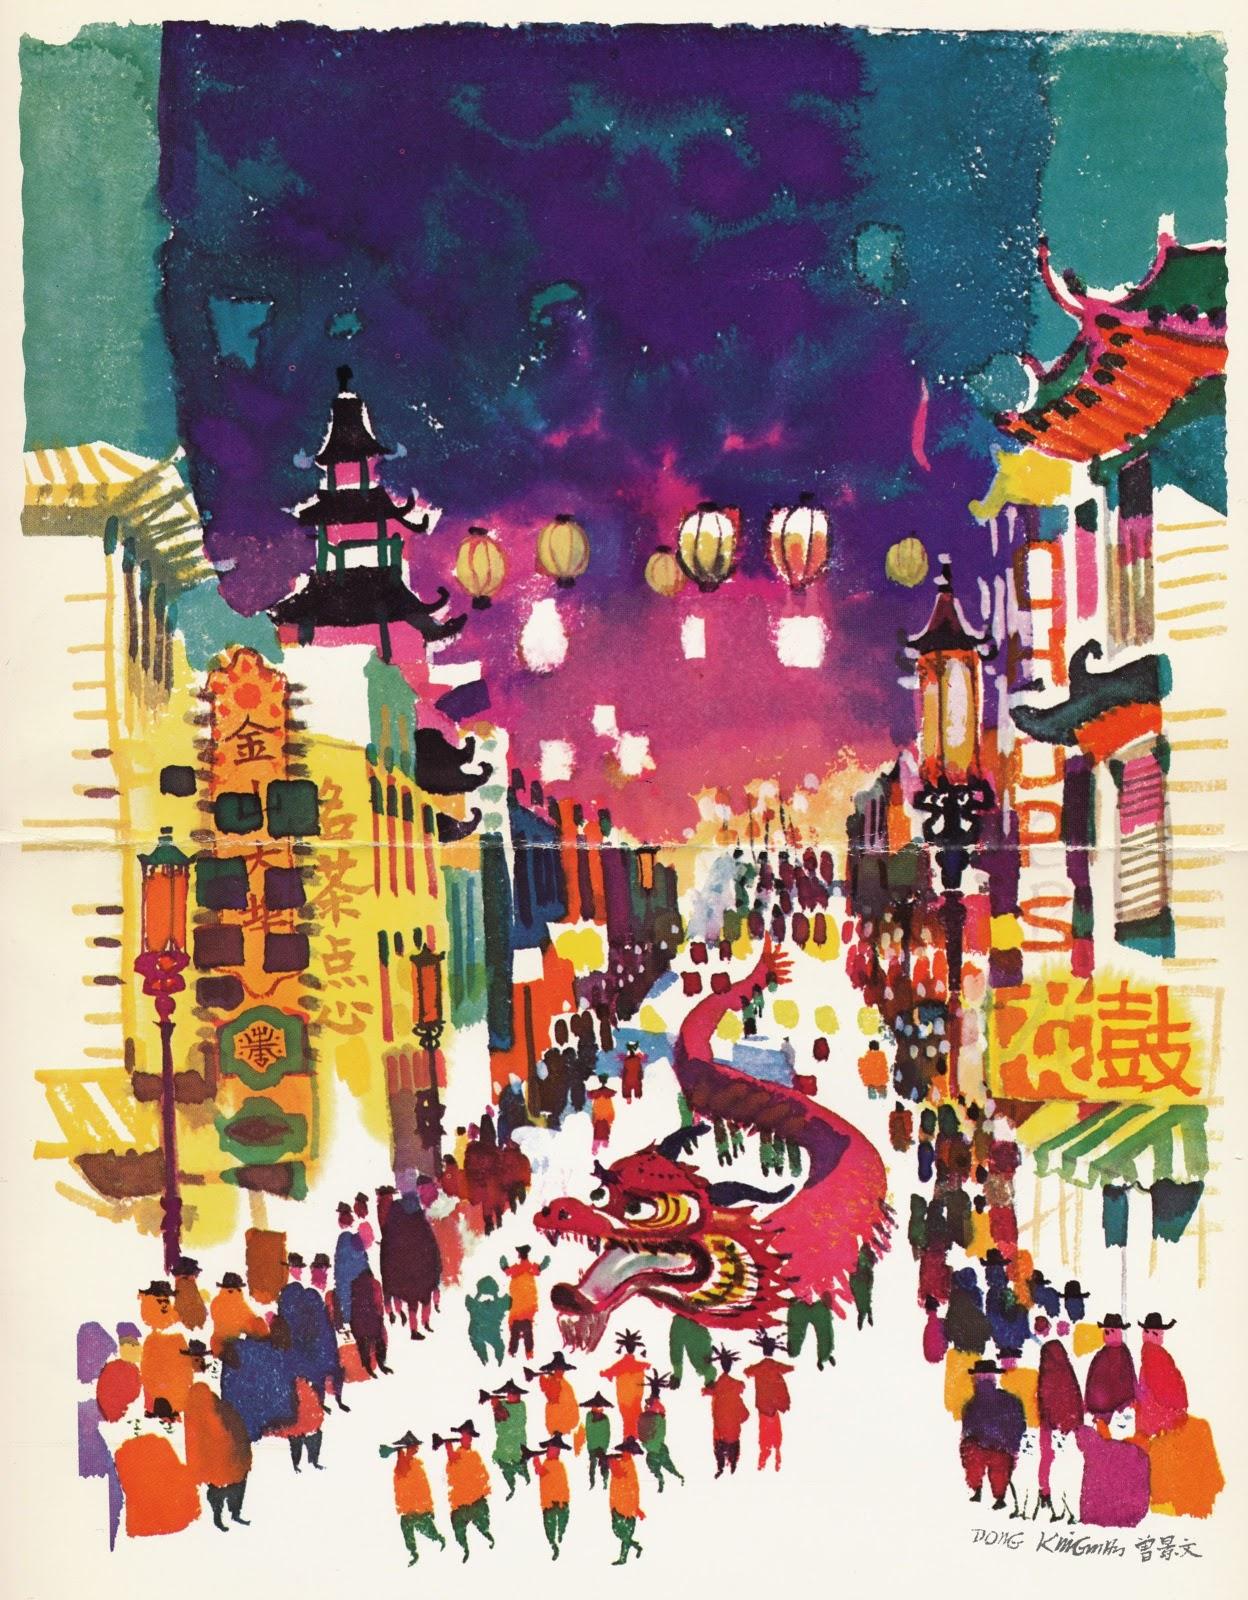 Chinese American Eyes Dong Kingman's Art